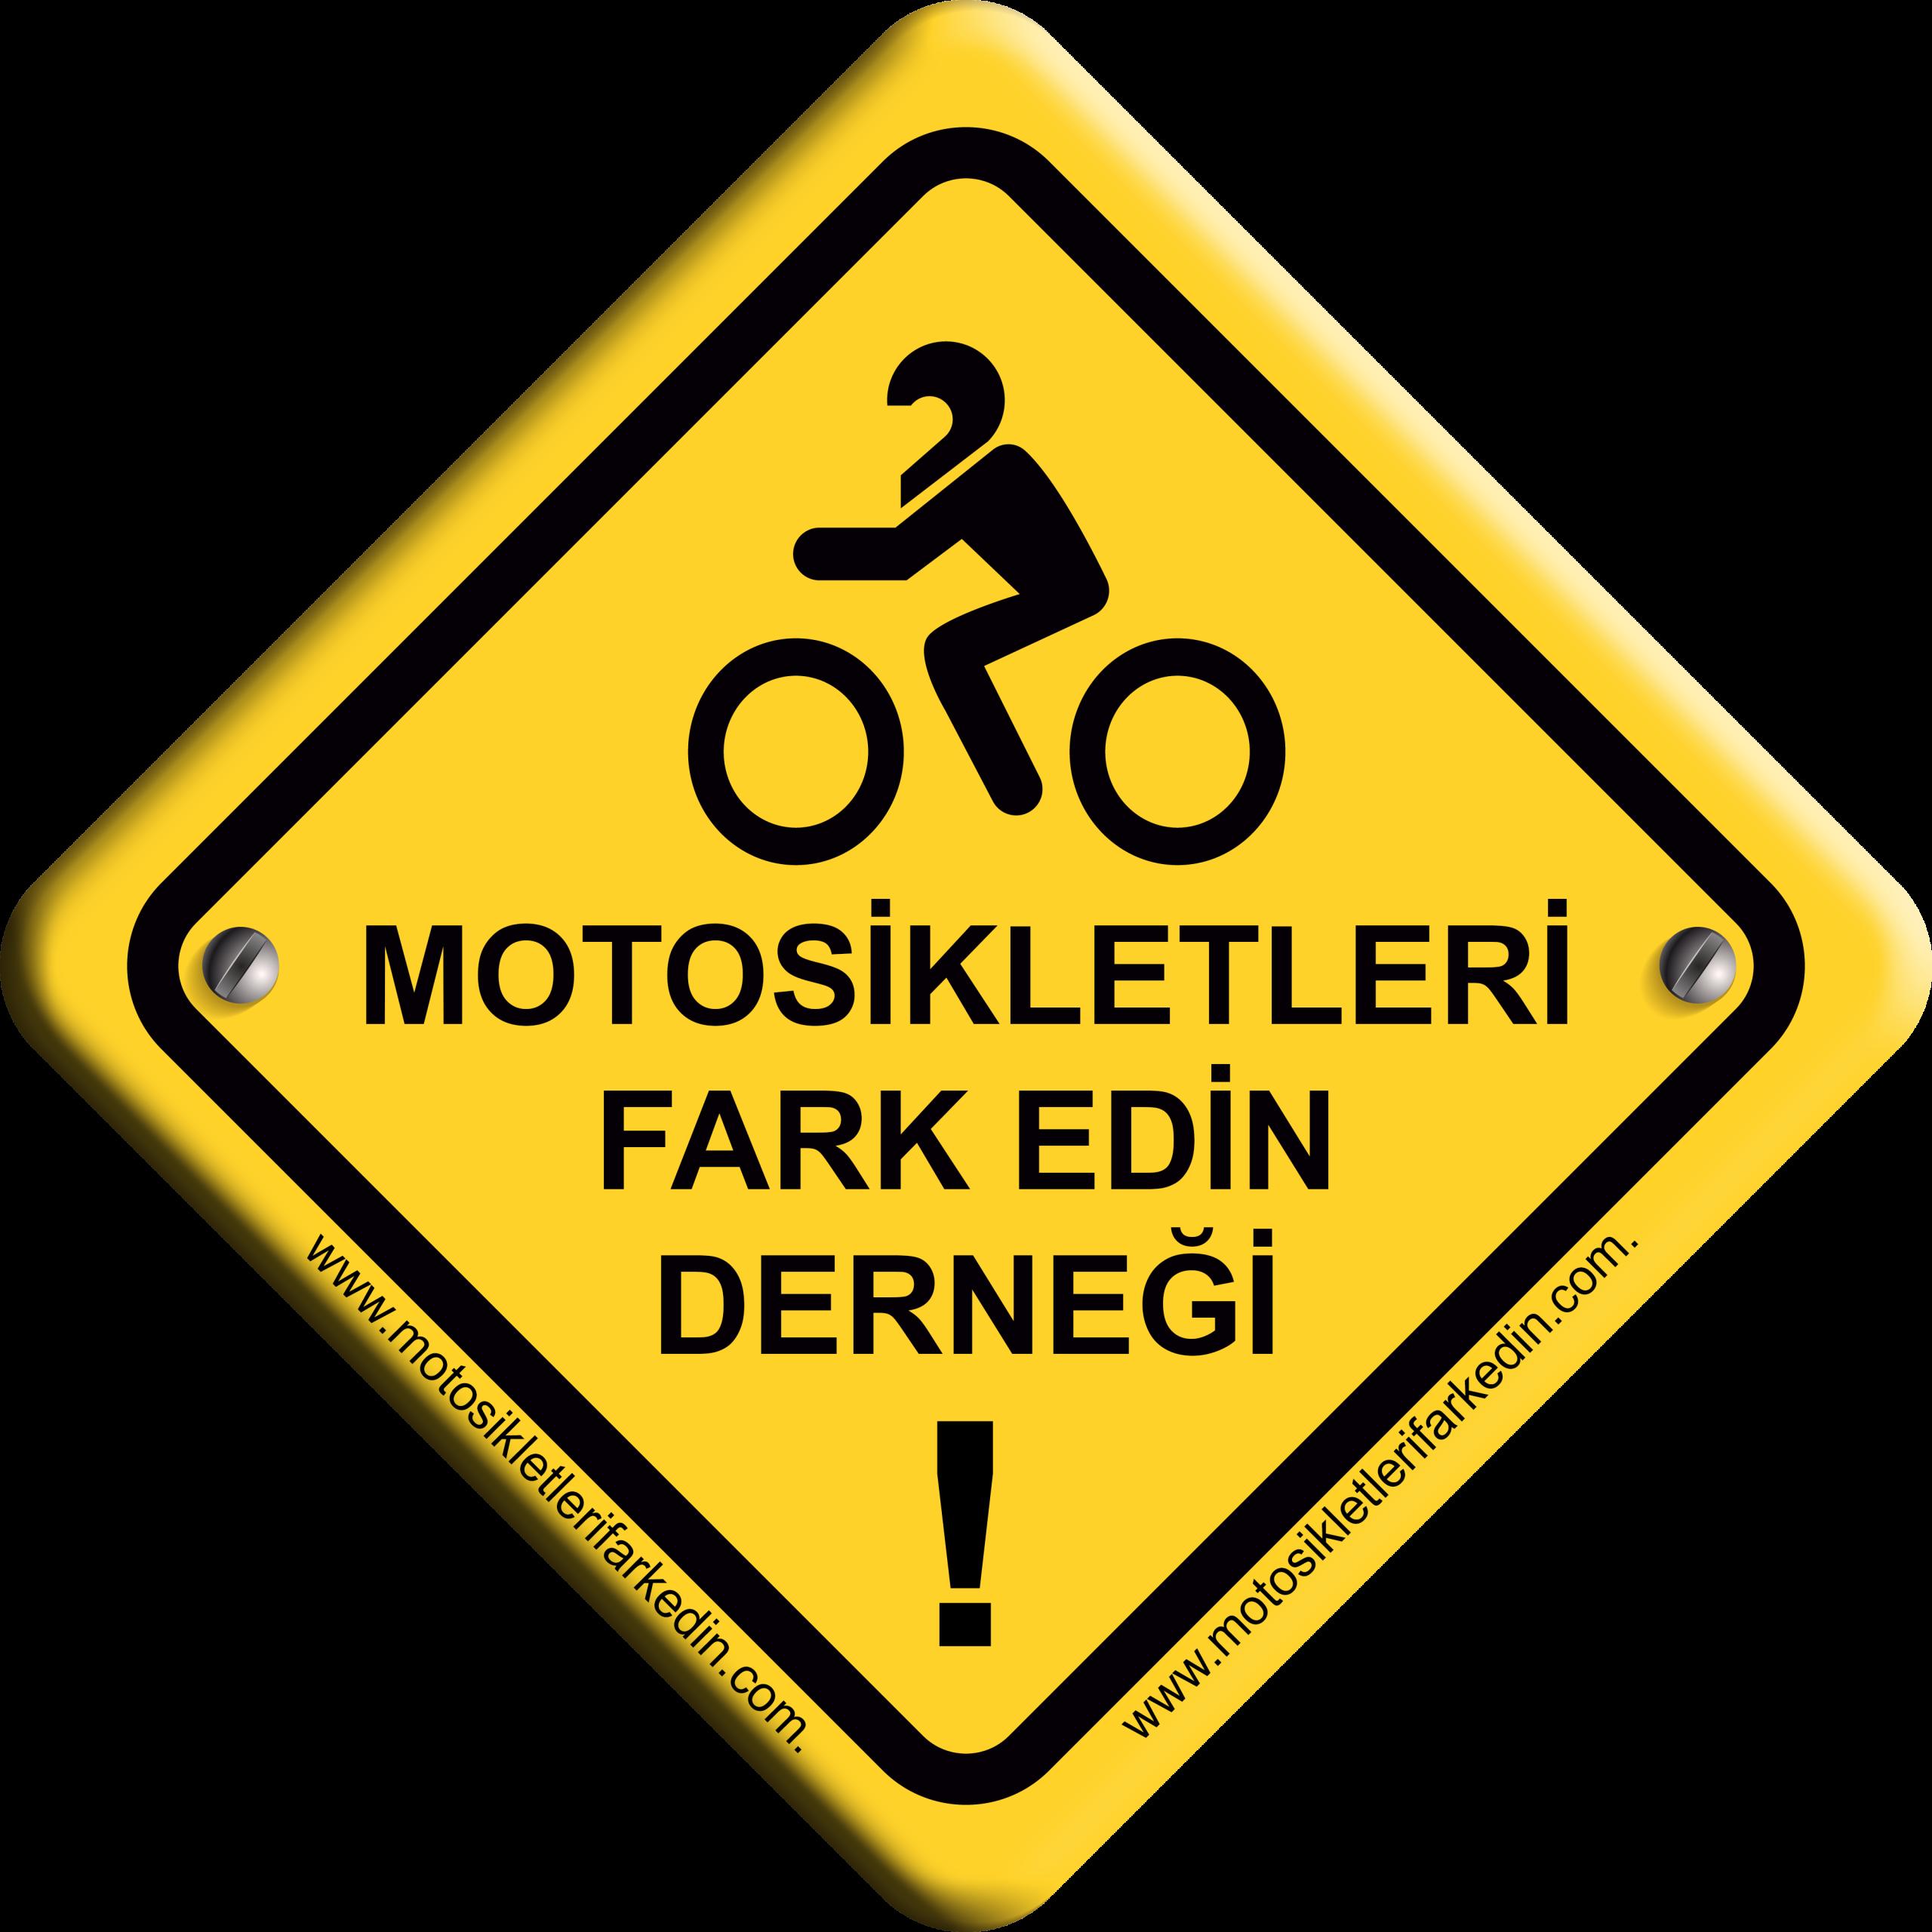 Motosikletleri Fark Edin Derneği